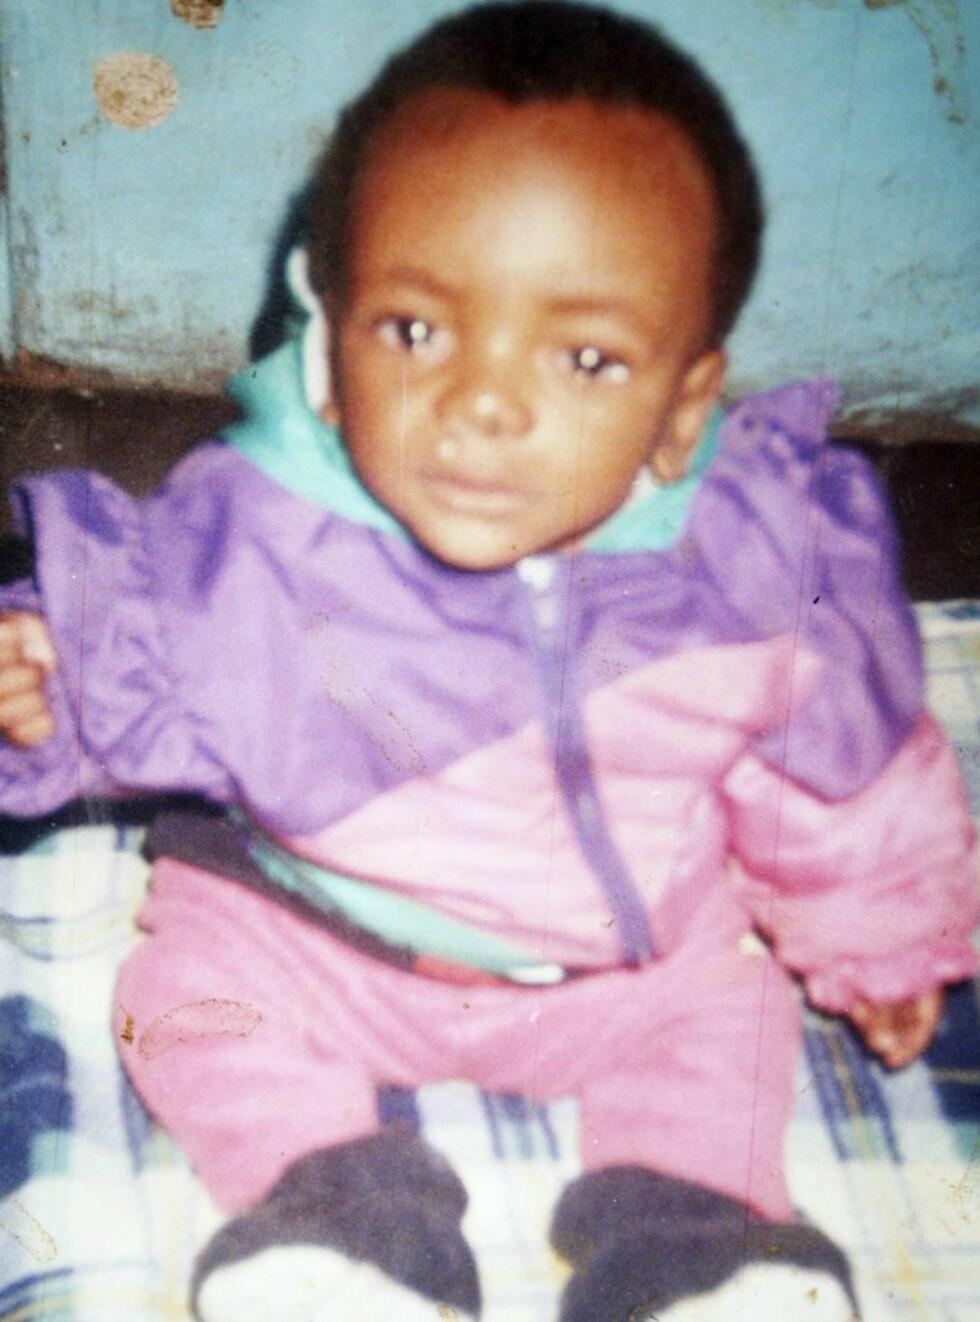 STOR FORANDRING: David har til nå bodd på barnehjem i Malawi. Nå venter et liv i luksus. Foto: Barcroft Media